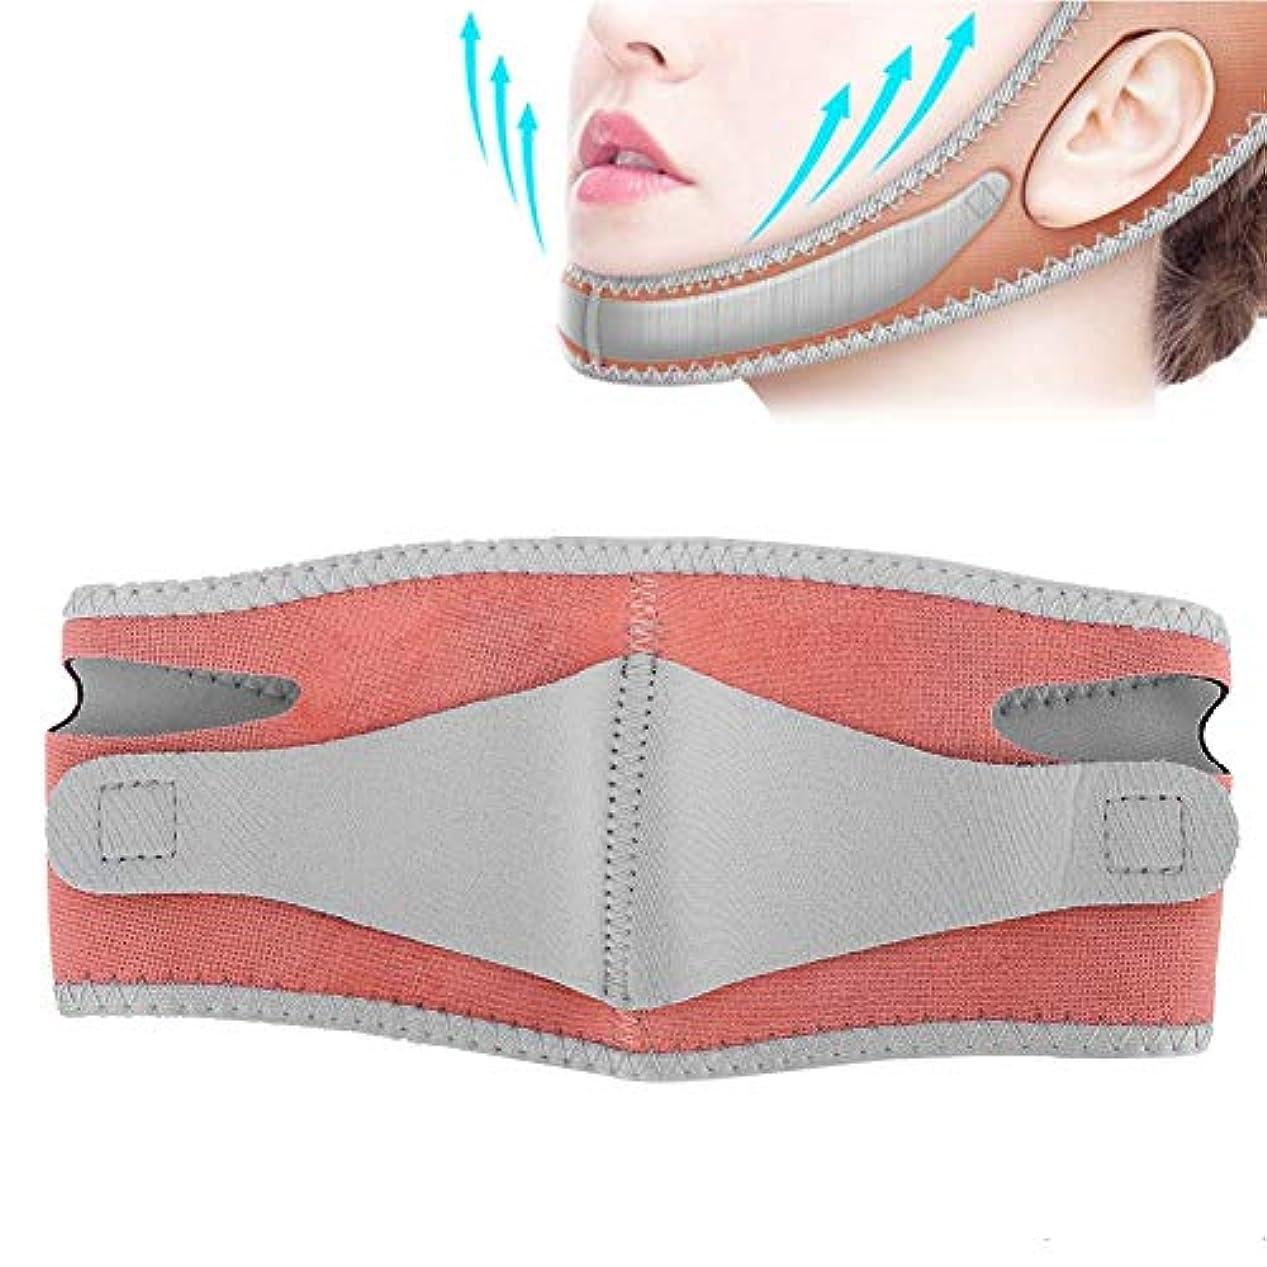 オズワルド記者戸口薄い顔包帯顔、Vフェイスラインスリムダブルチンチークスリムリフトアップ引き締まった肌防止マスクあなたが顔の肌を引き締めるのに役立ちます